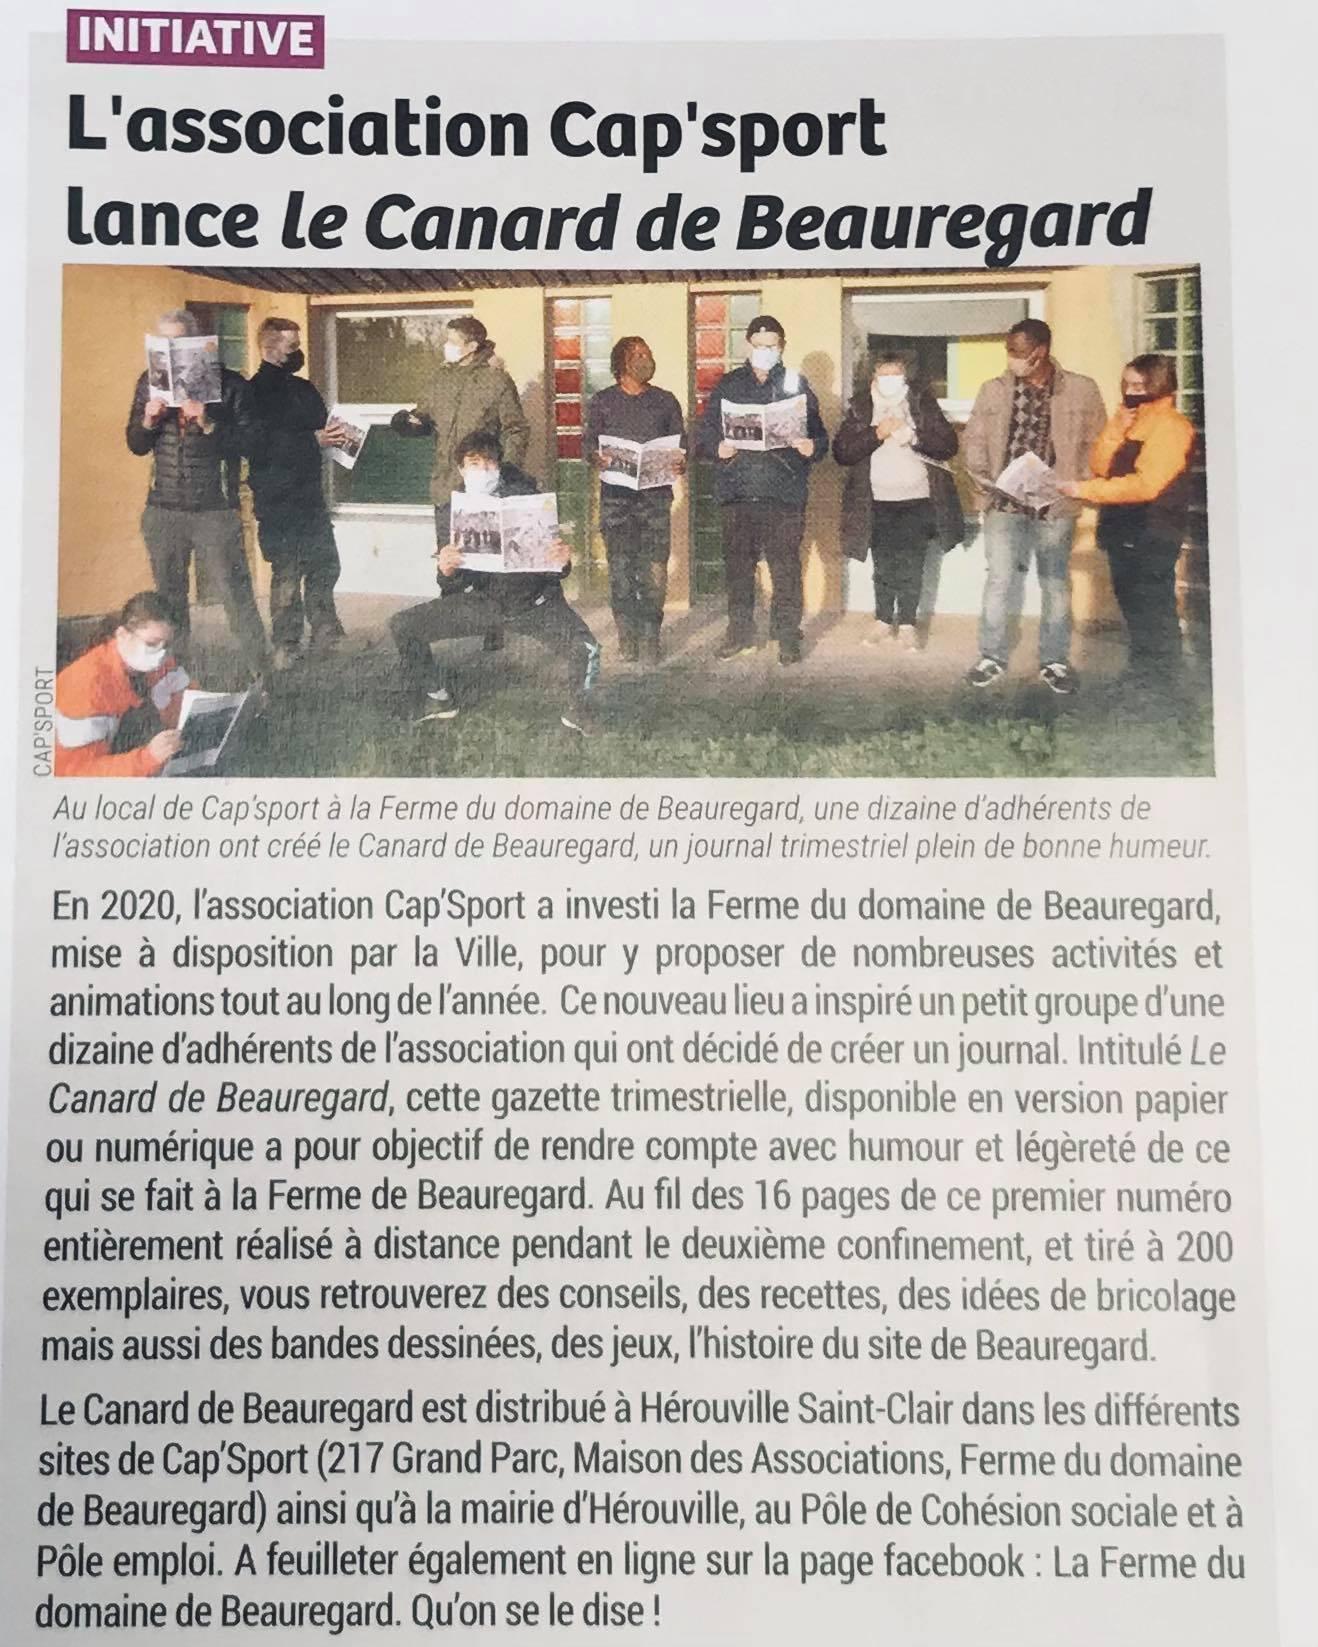 Gazette - Domain de Beauregard